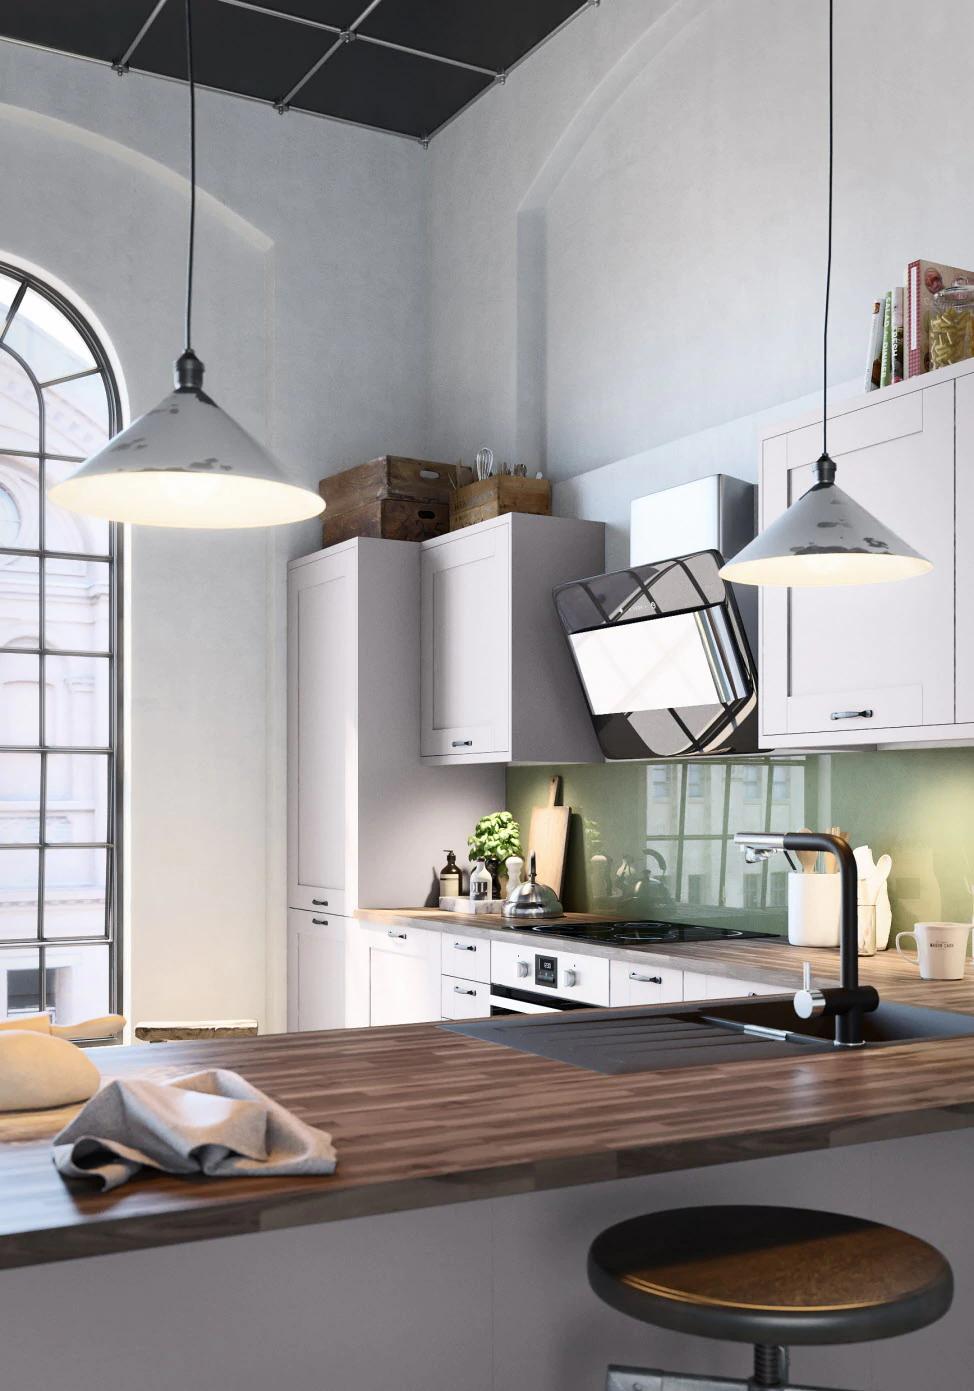 MAGNET'S KITCHEN PLANNER: DESIGN & PRICE YOUR KITCHEN ONLINE